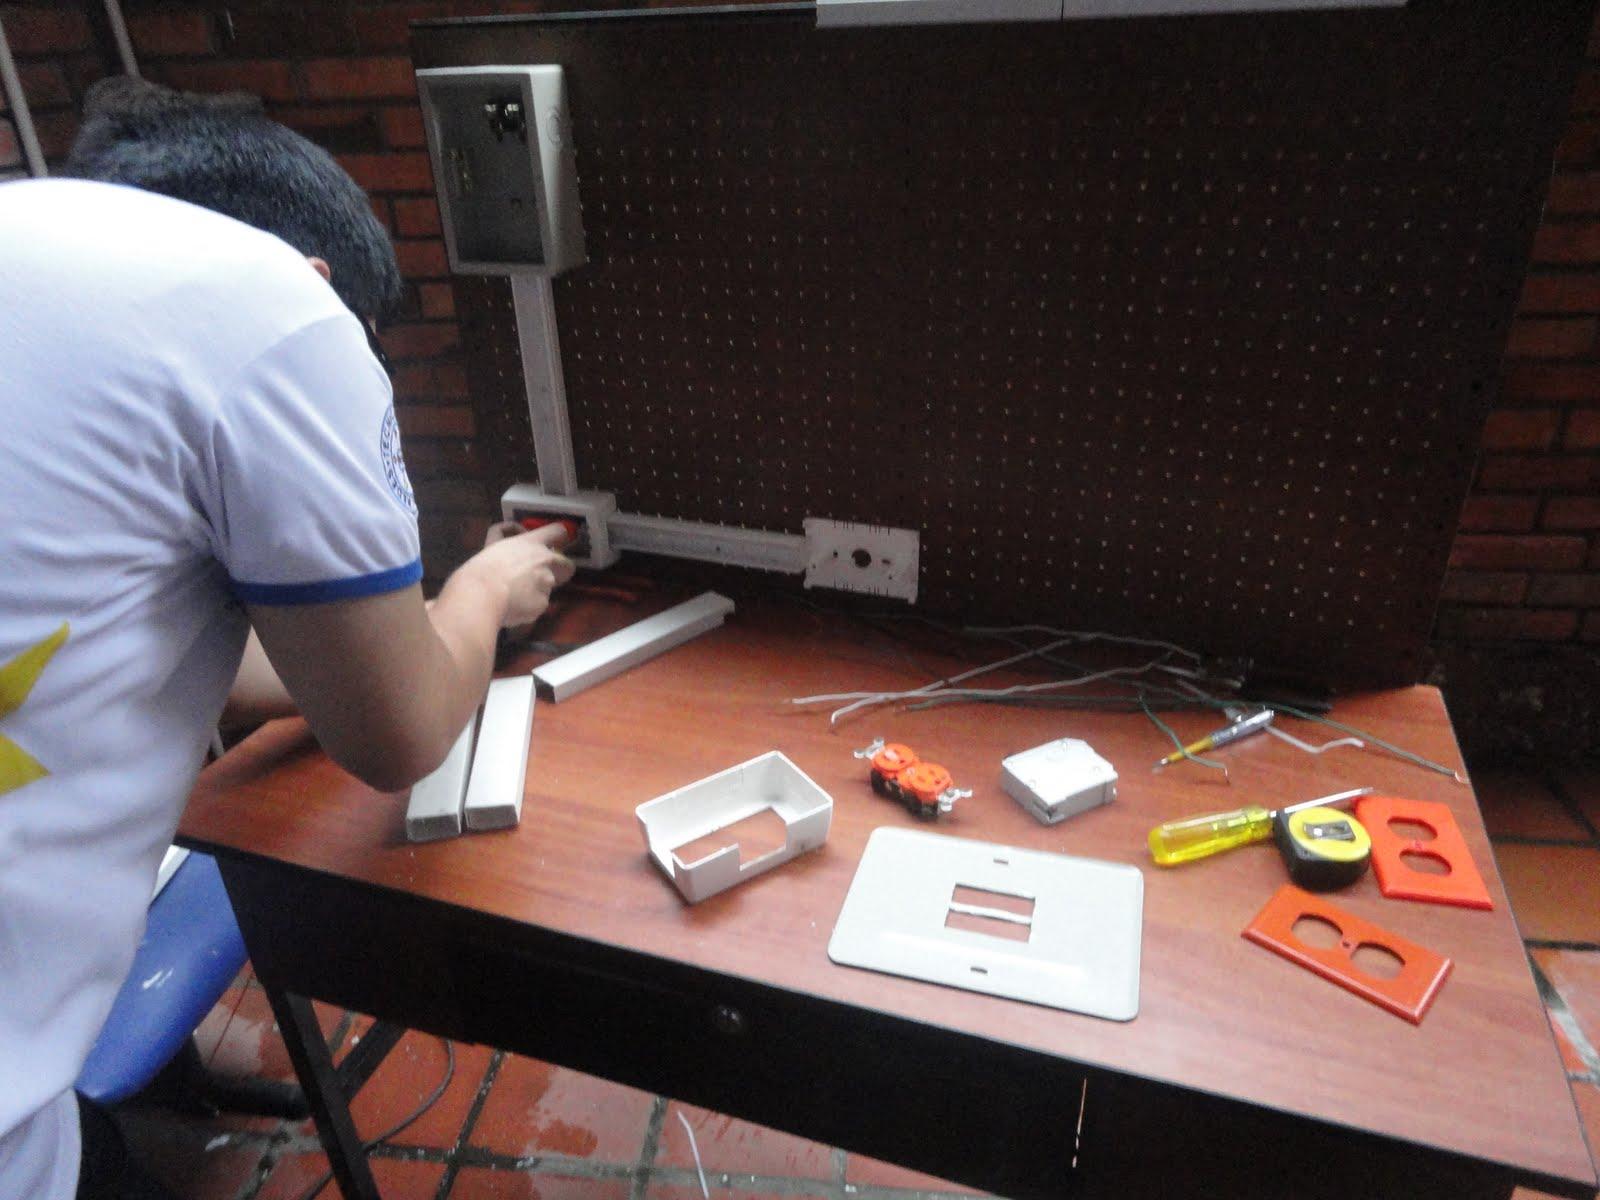 Red 39 s pc practica electricidad de instalaci n tomas - Instalacion de electricidad ...